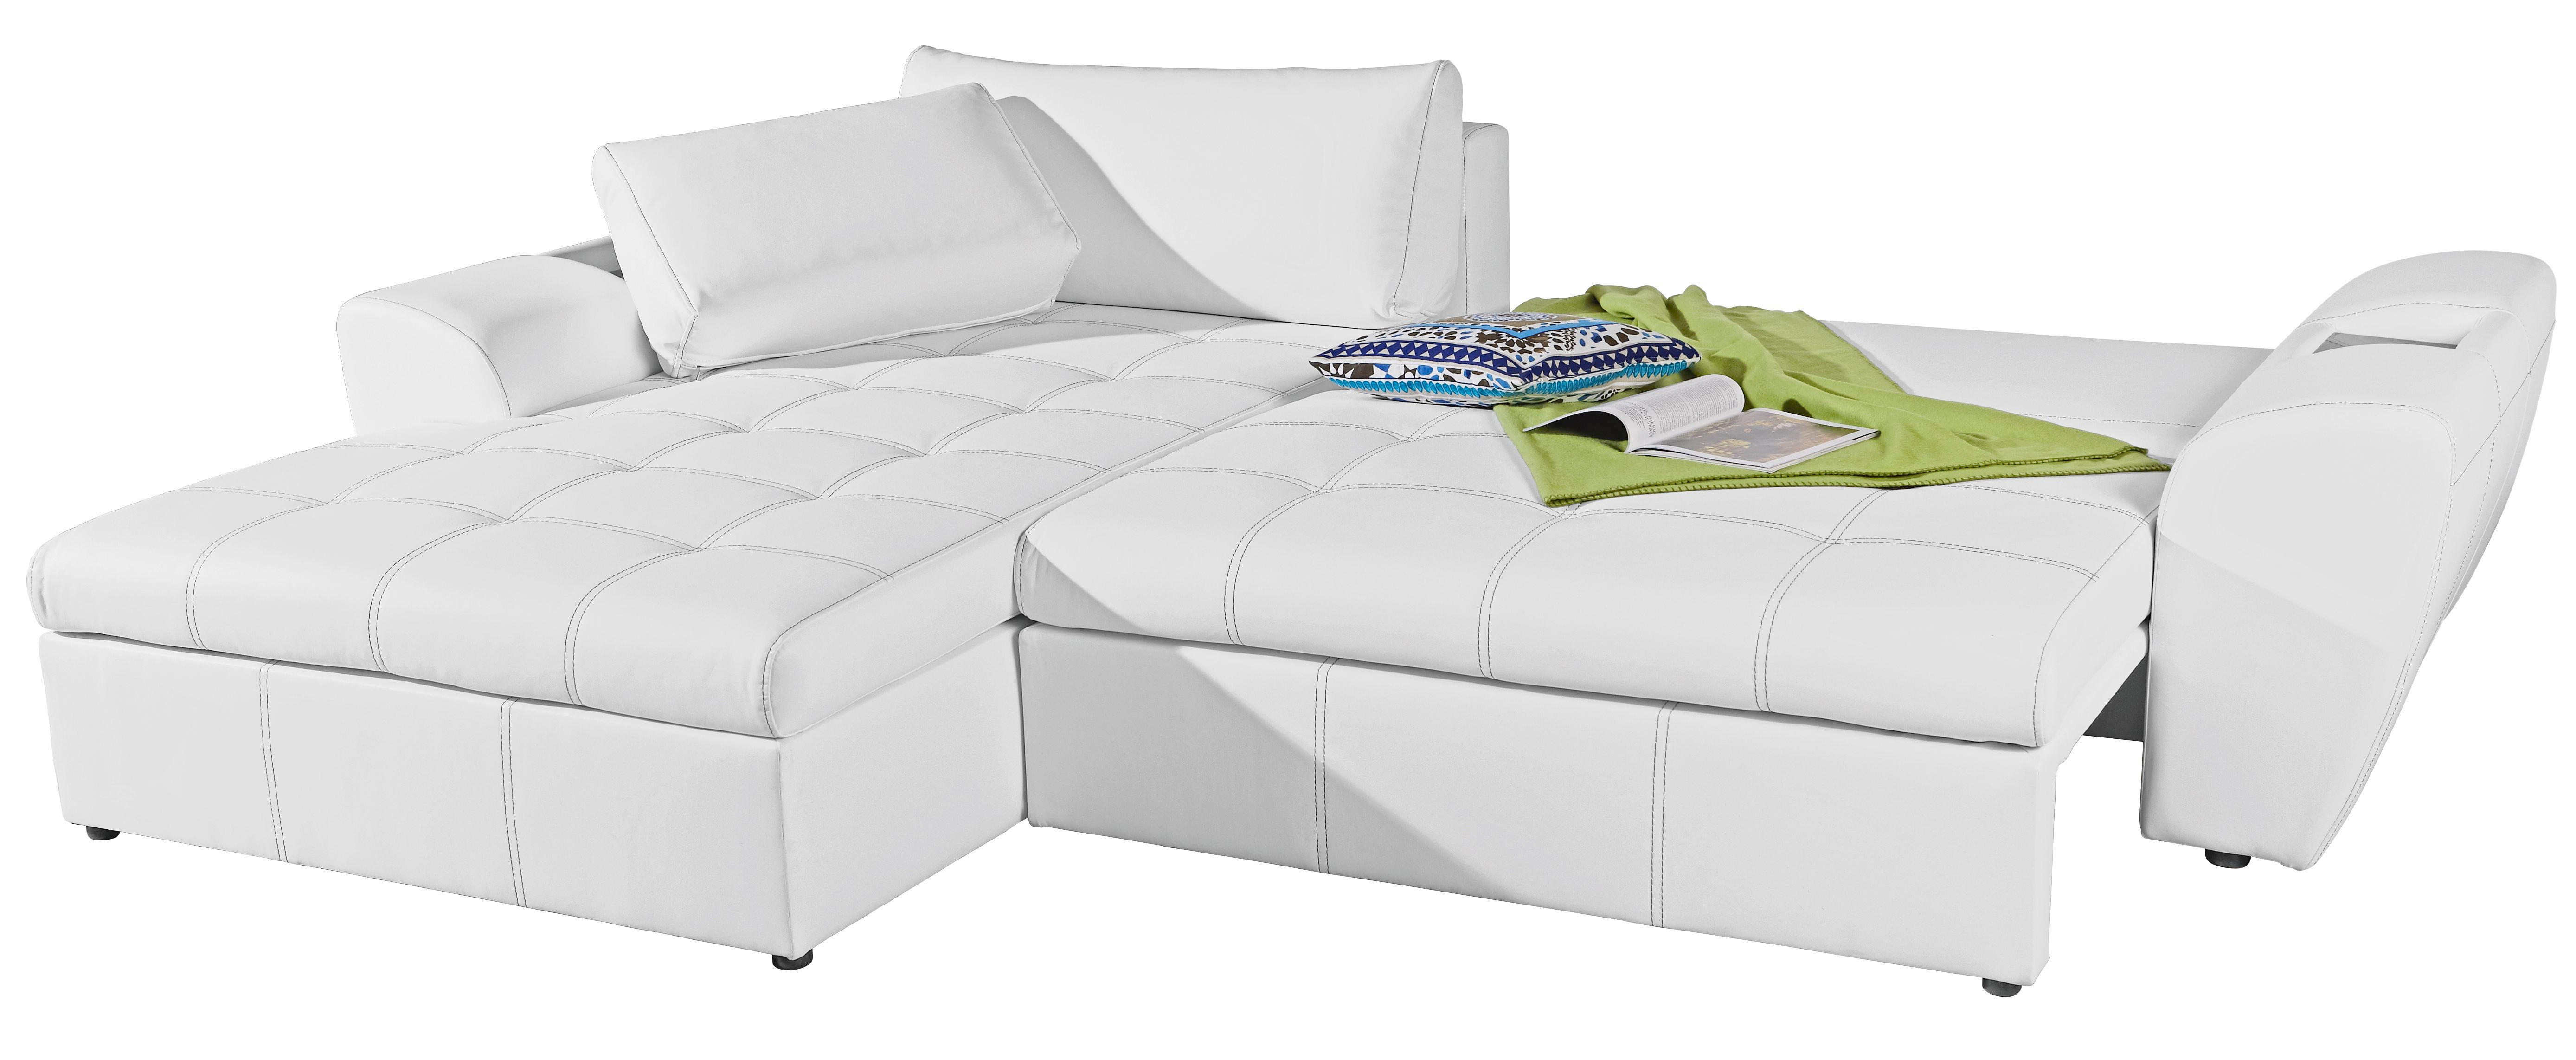 Ecksofa Lederlook Ablage, Rückenkissen - Schwarz/Weiß, Design, Kunststoff/Textil (290/78/204cm) - CARRYHOME